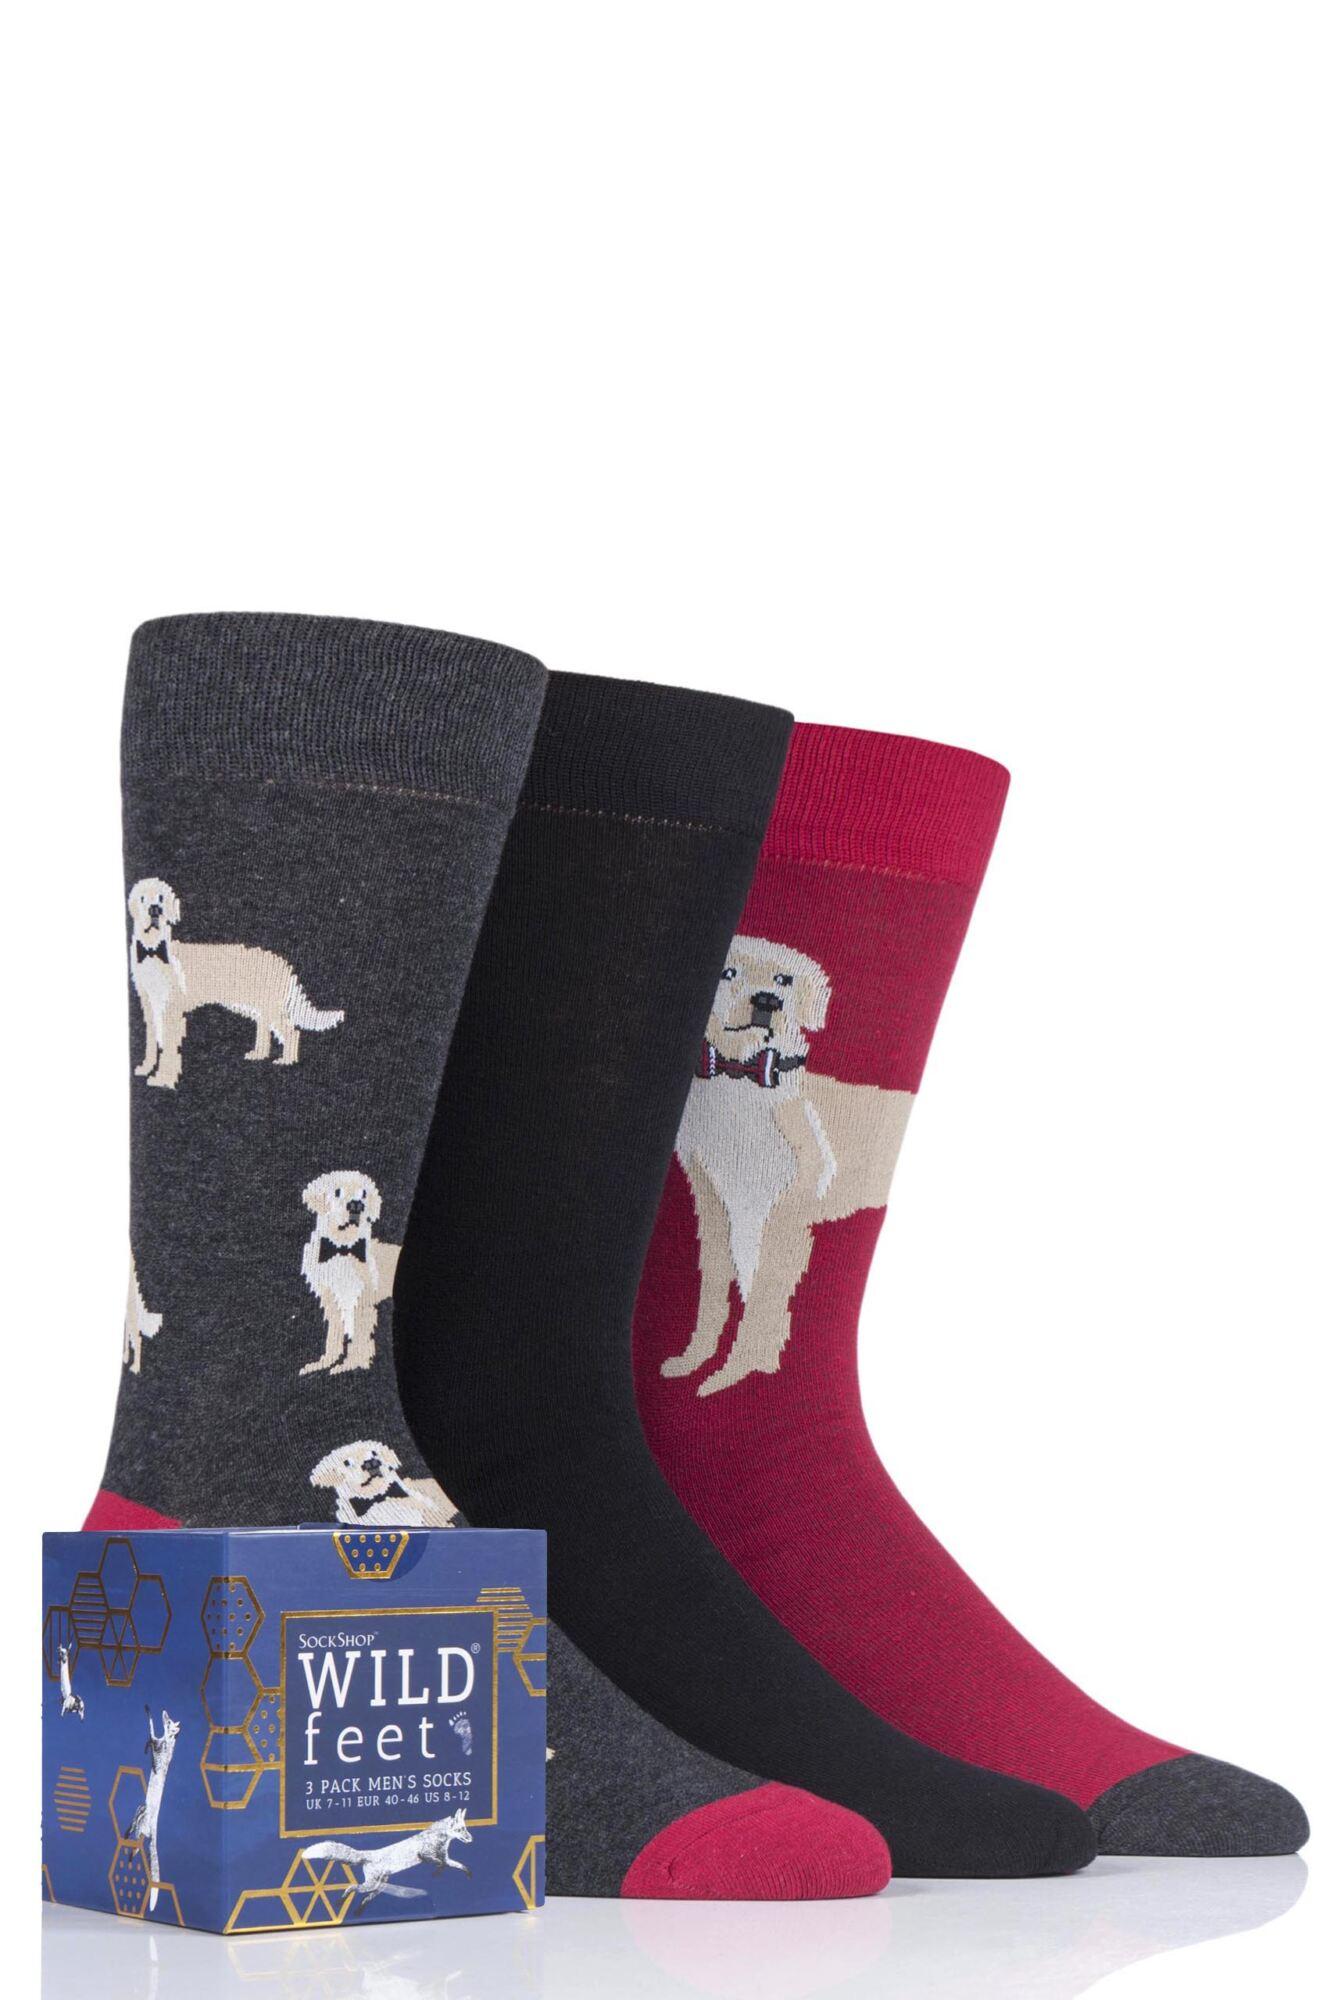 3 Pair Gift Boxed Novelty Cotton Socks Men's - Wild Feet